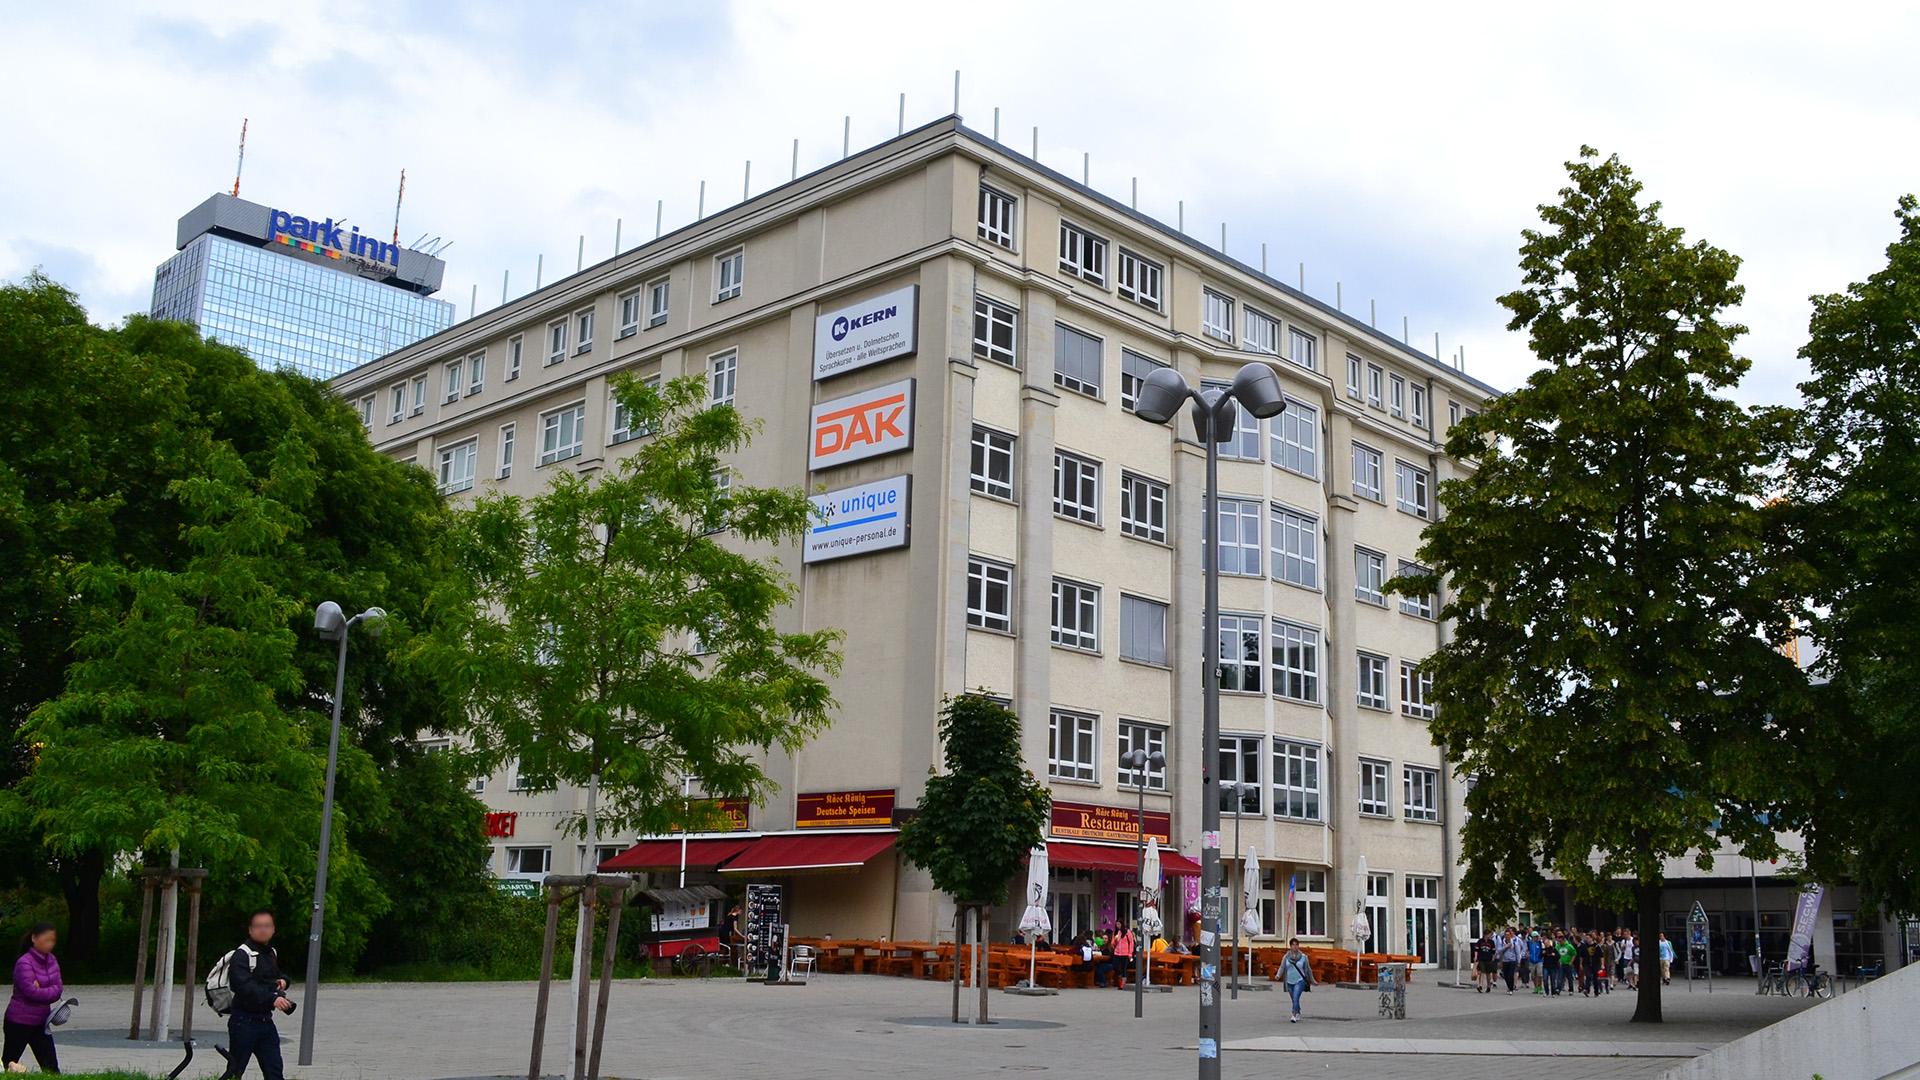 Exterior view of the KERN language school Berlin